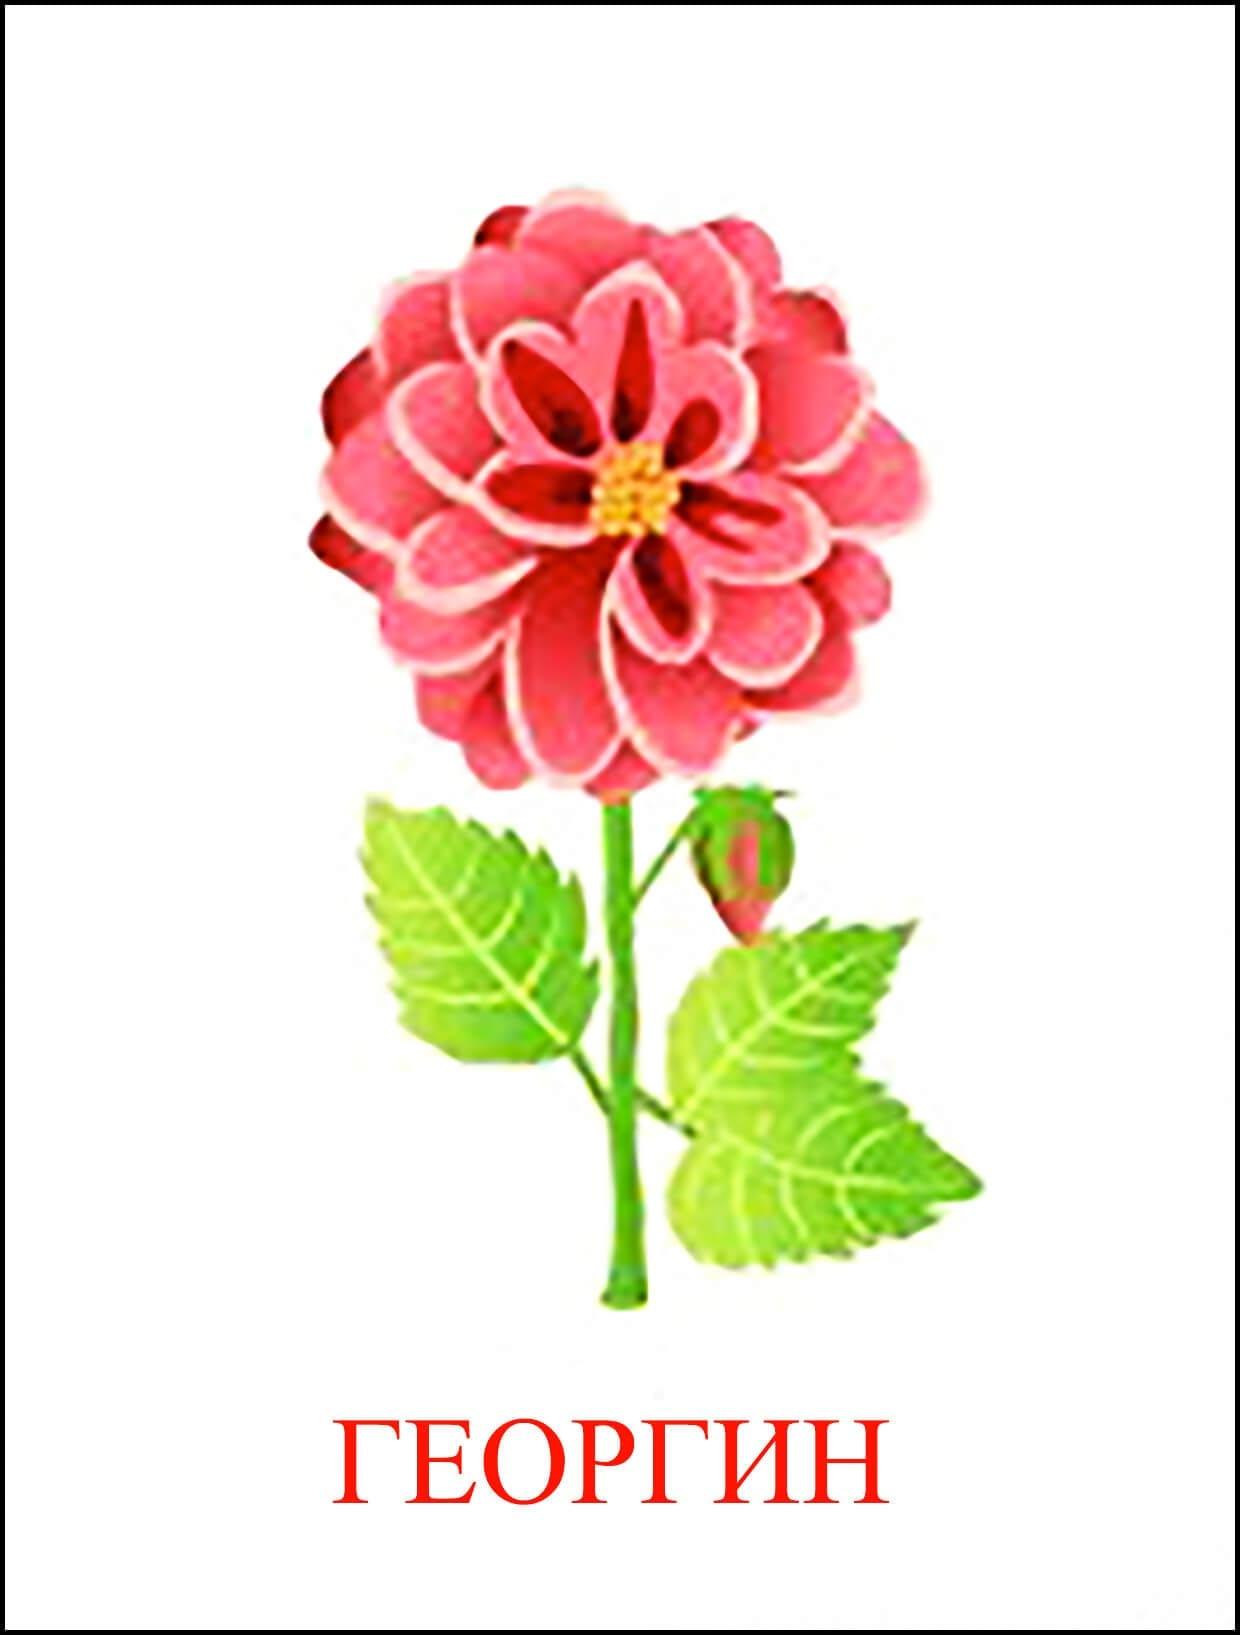 Садовые цветы картинки с названиями детский сад, картинки